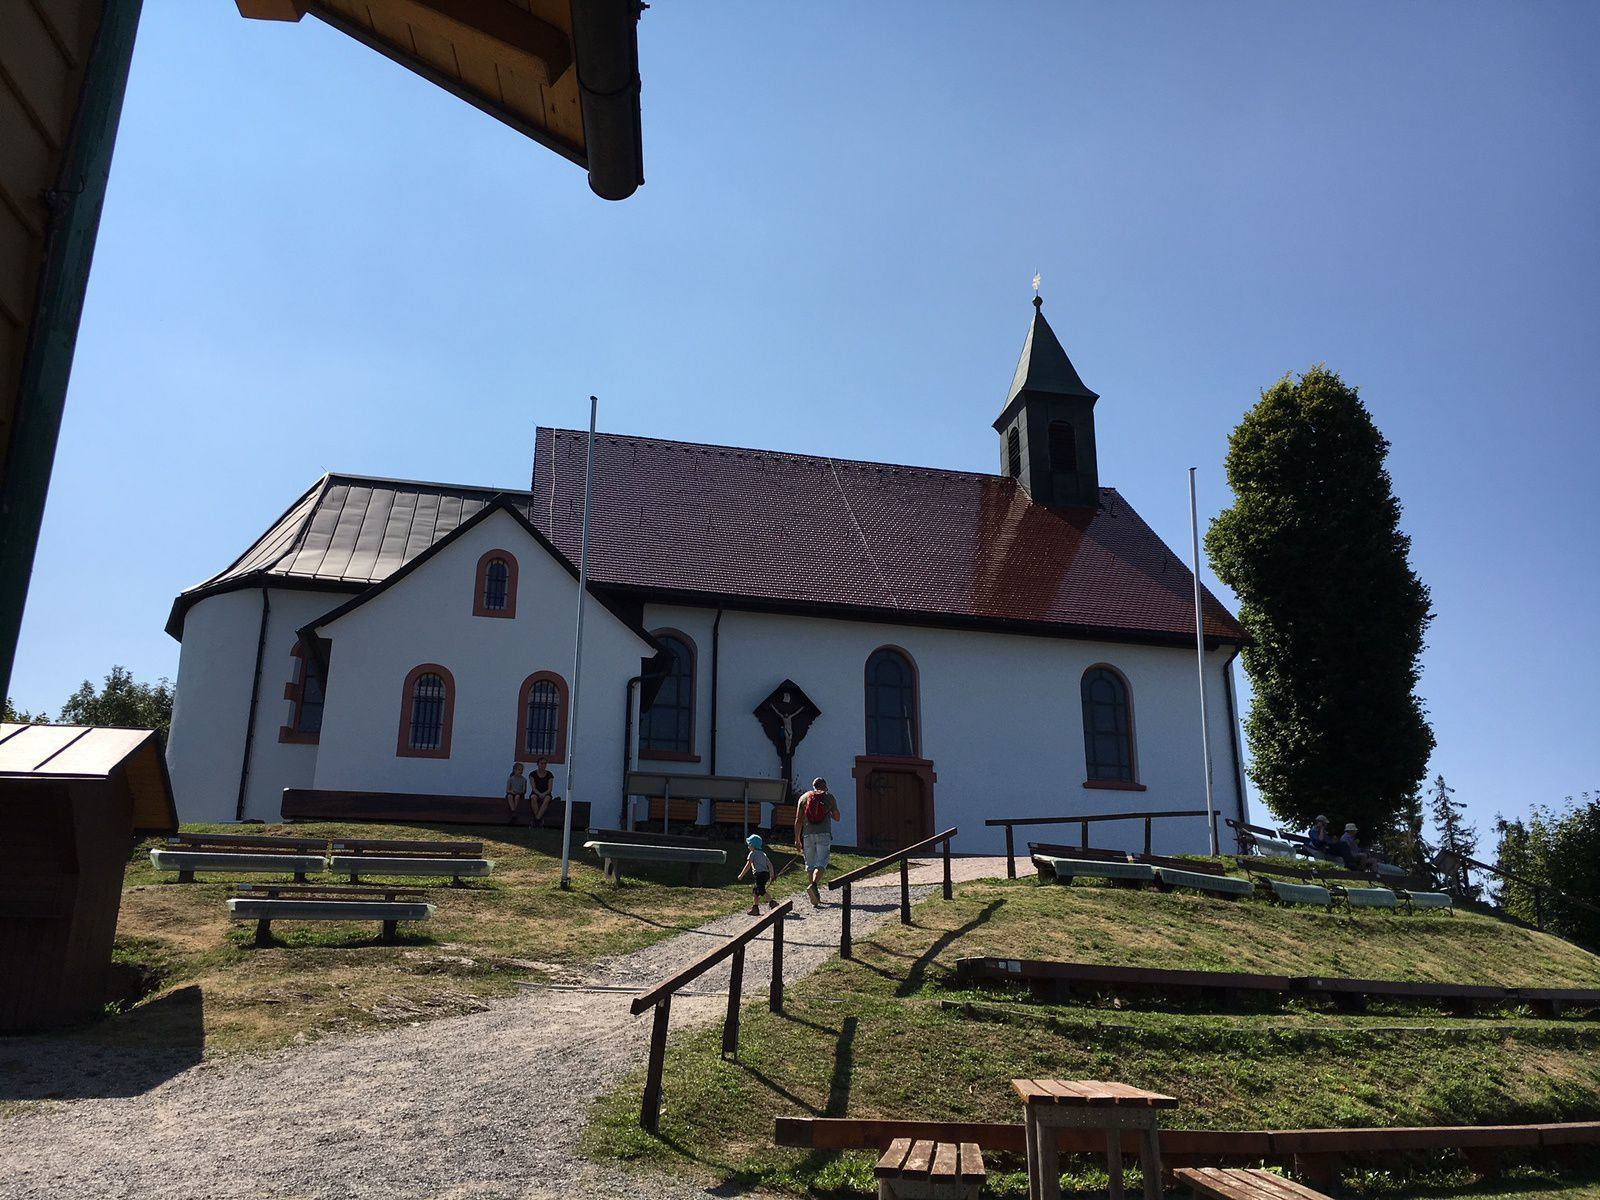 Randonnée des 11 et 12 septembre 2018 à Simonswald et Gütenbach en Forêt Noire